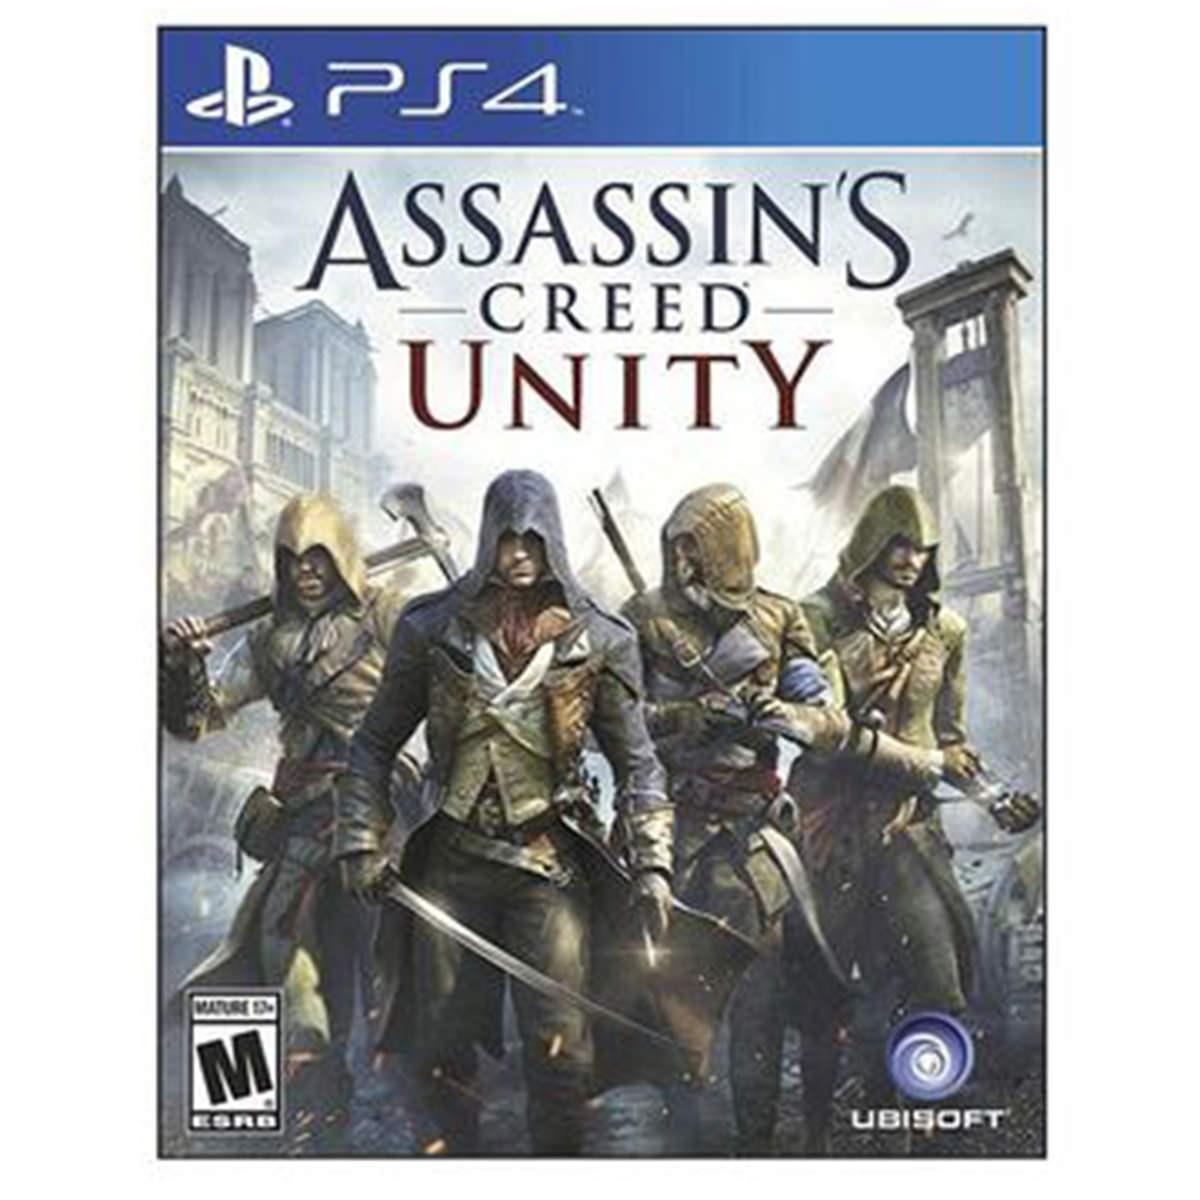 Sony-PLAYSTATION-ASSASSIN-CREED-UNITY